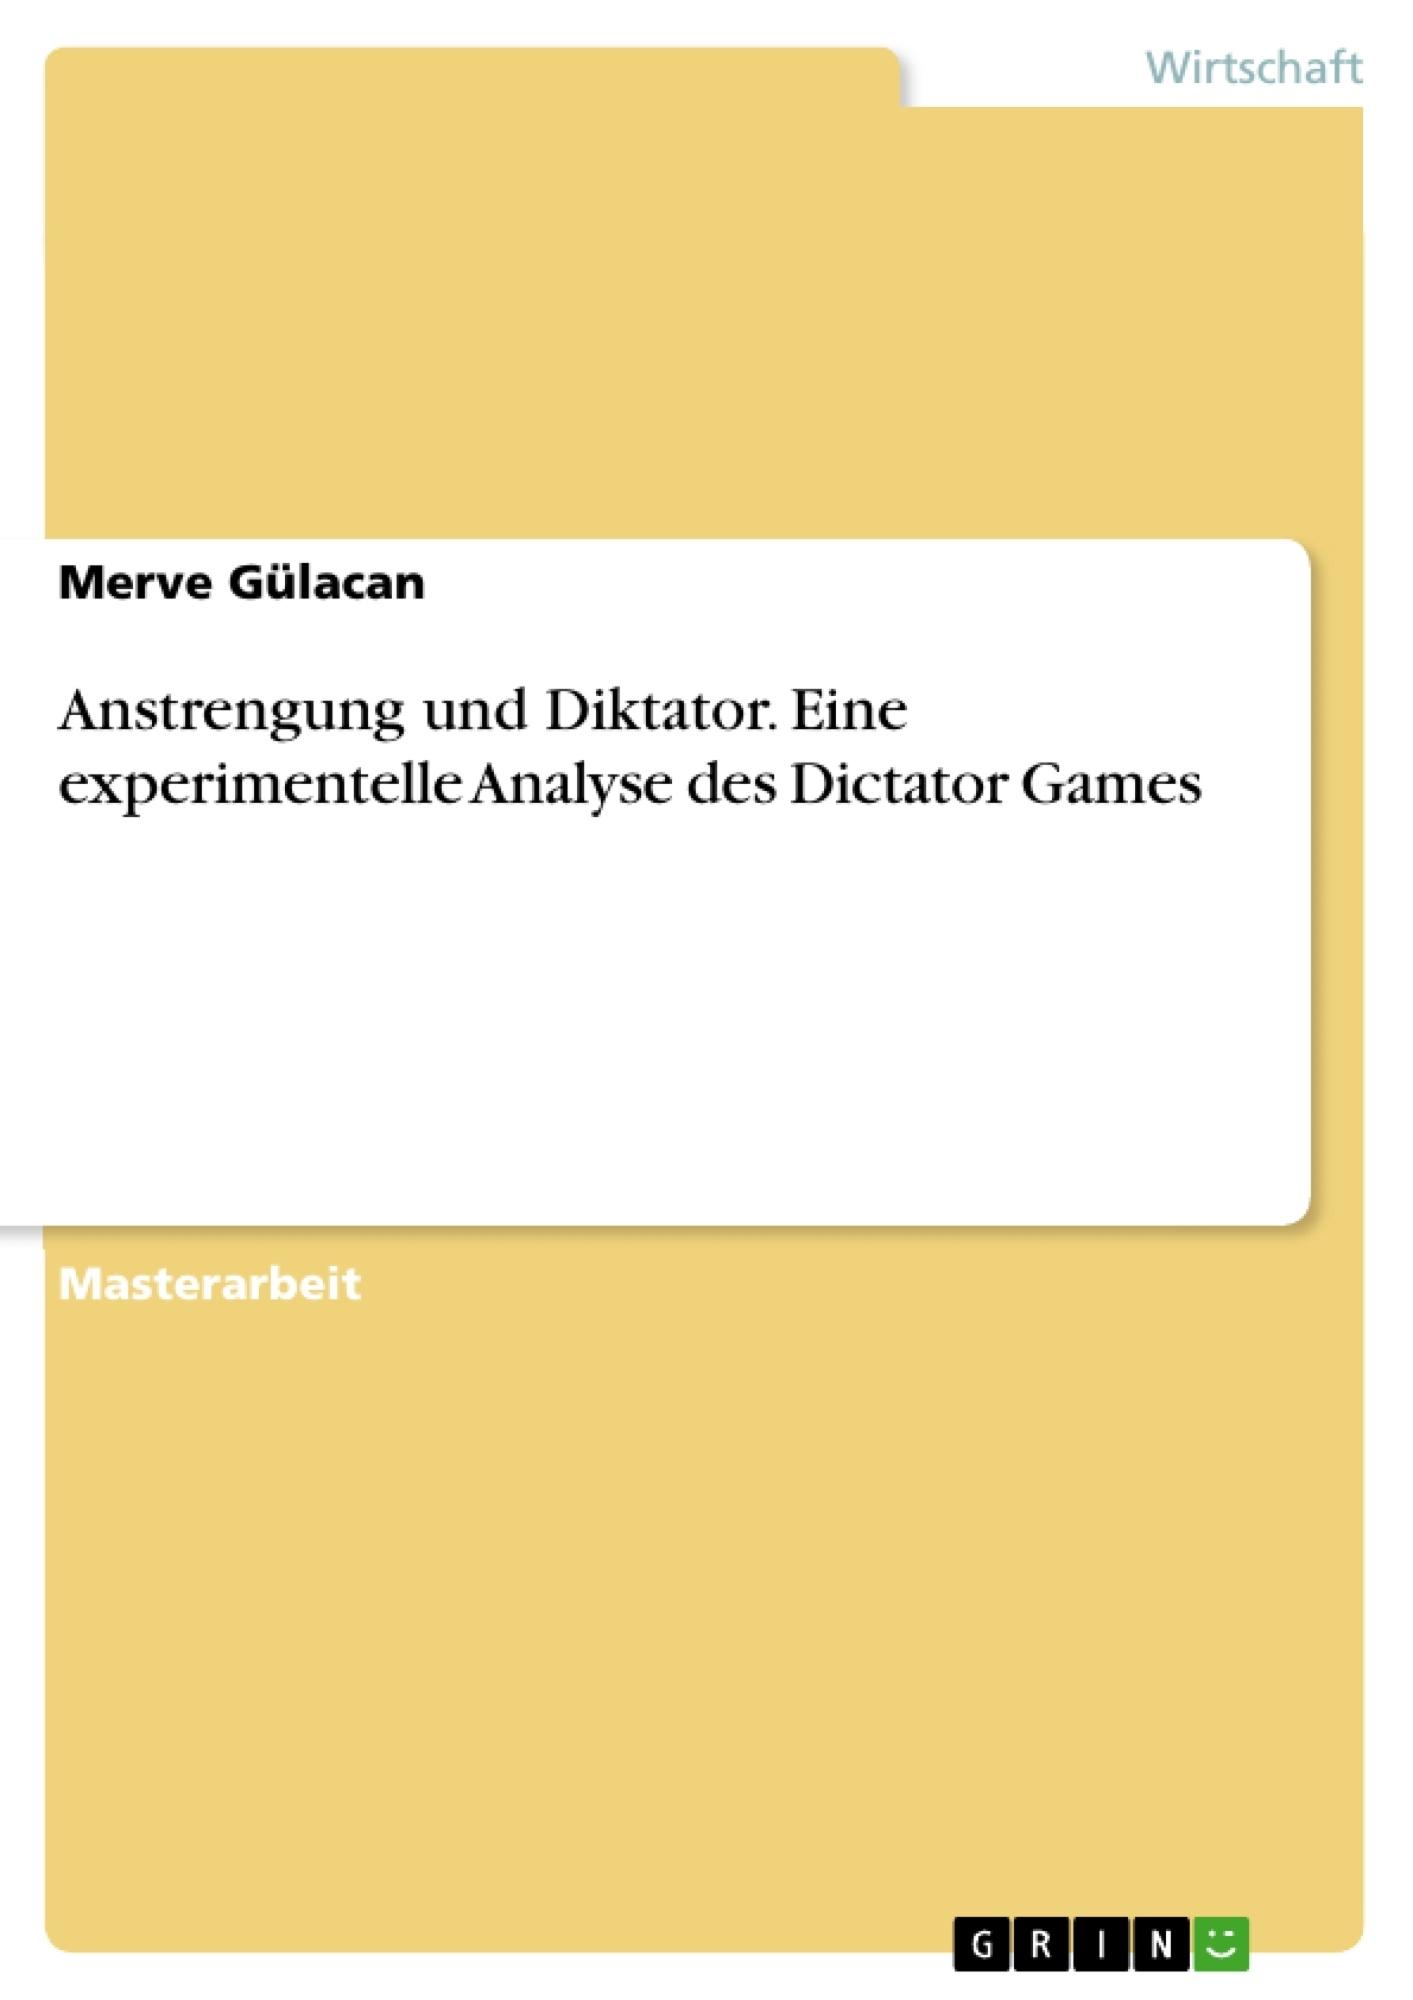 Titel: Anstrengung und Diktator. Eine experimentelle Analyse des Dictator Games